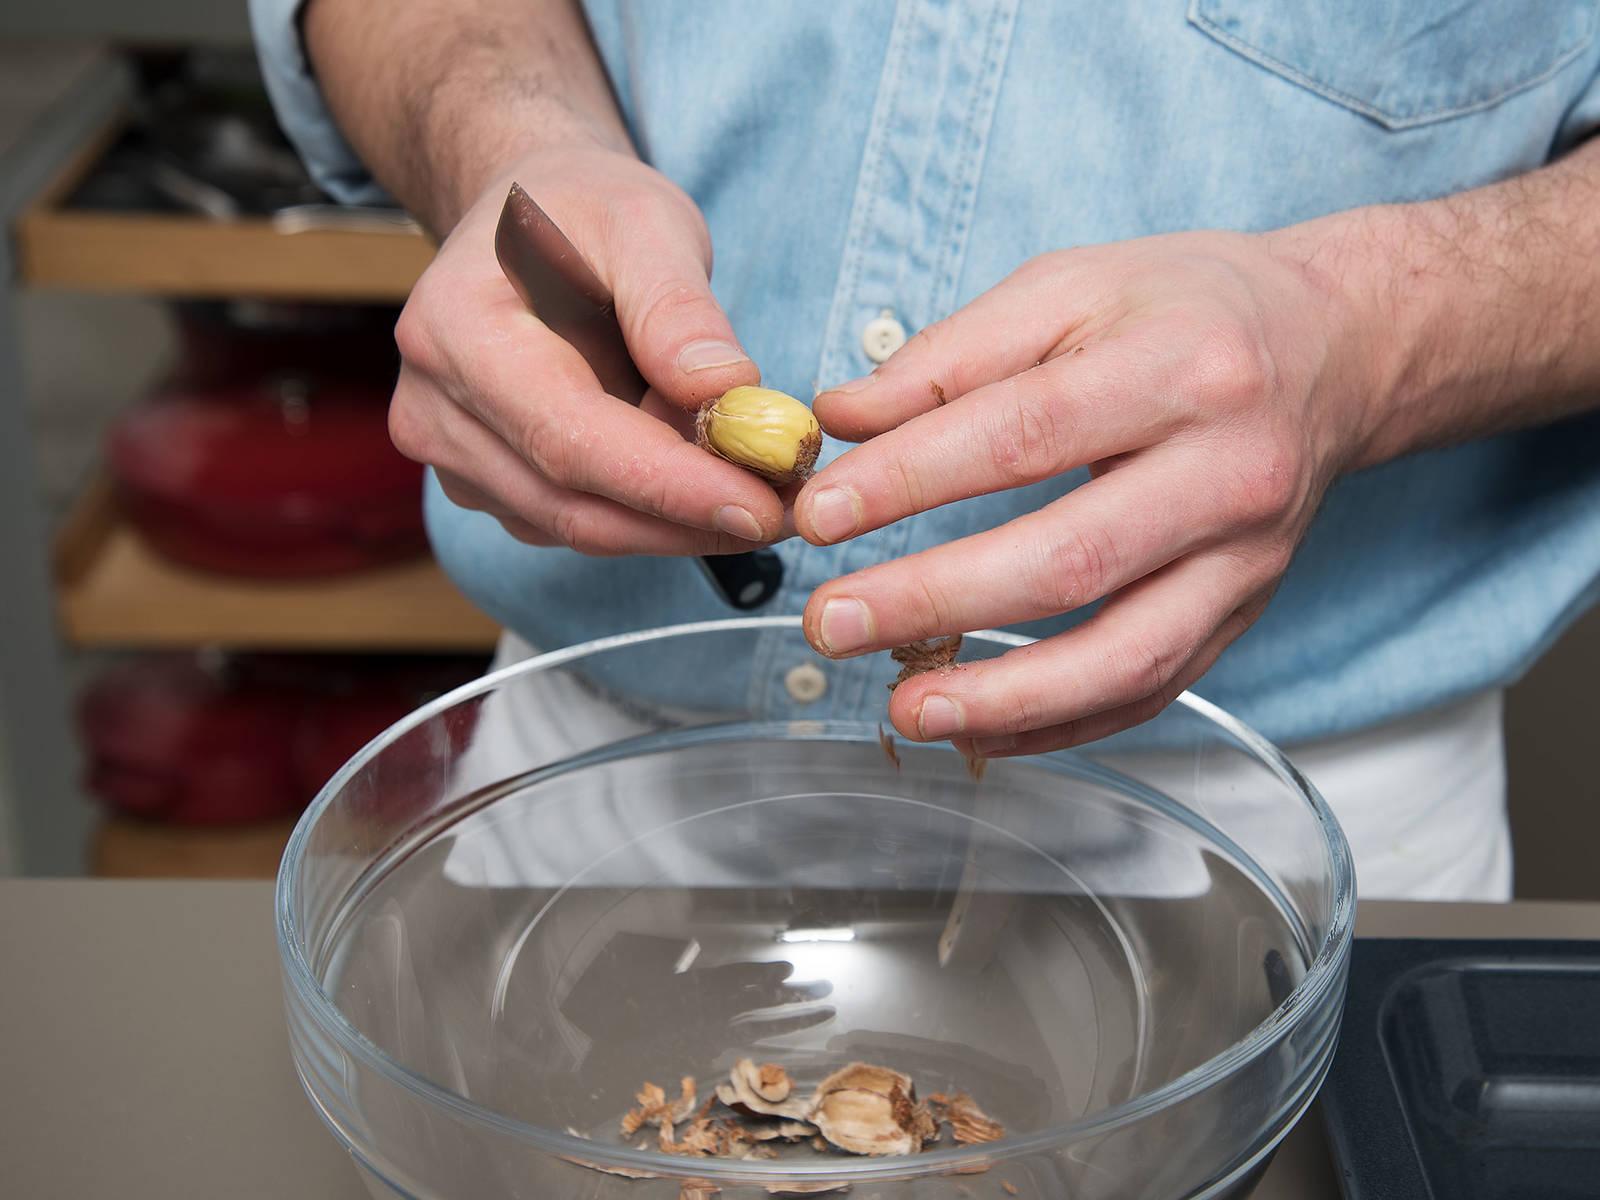 Kastanien aus dem Backofen nehmen und ca. 5 Min. abkühlen lassen. Anschließend die Schalen ablösen.